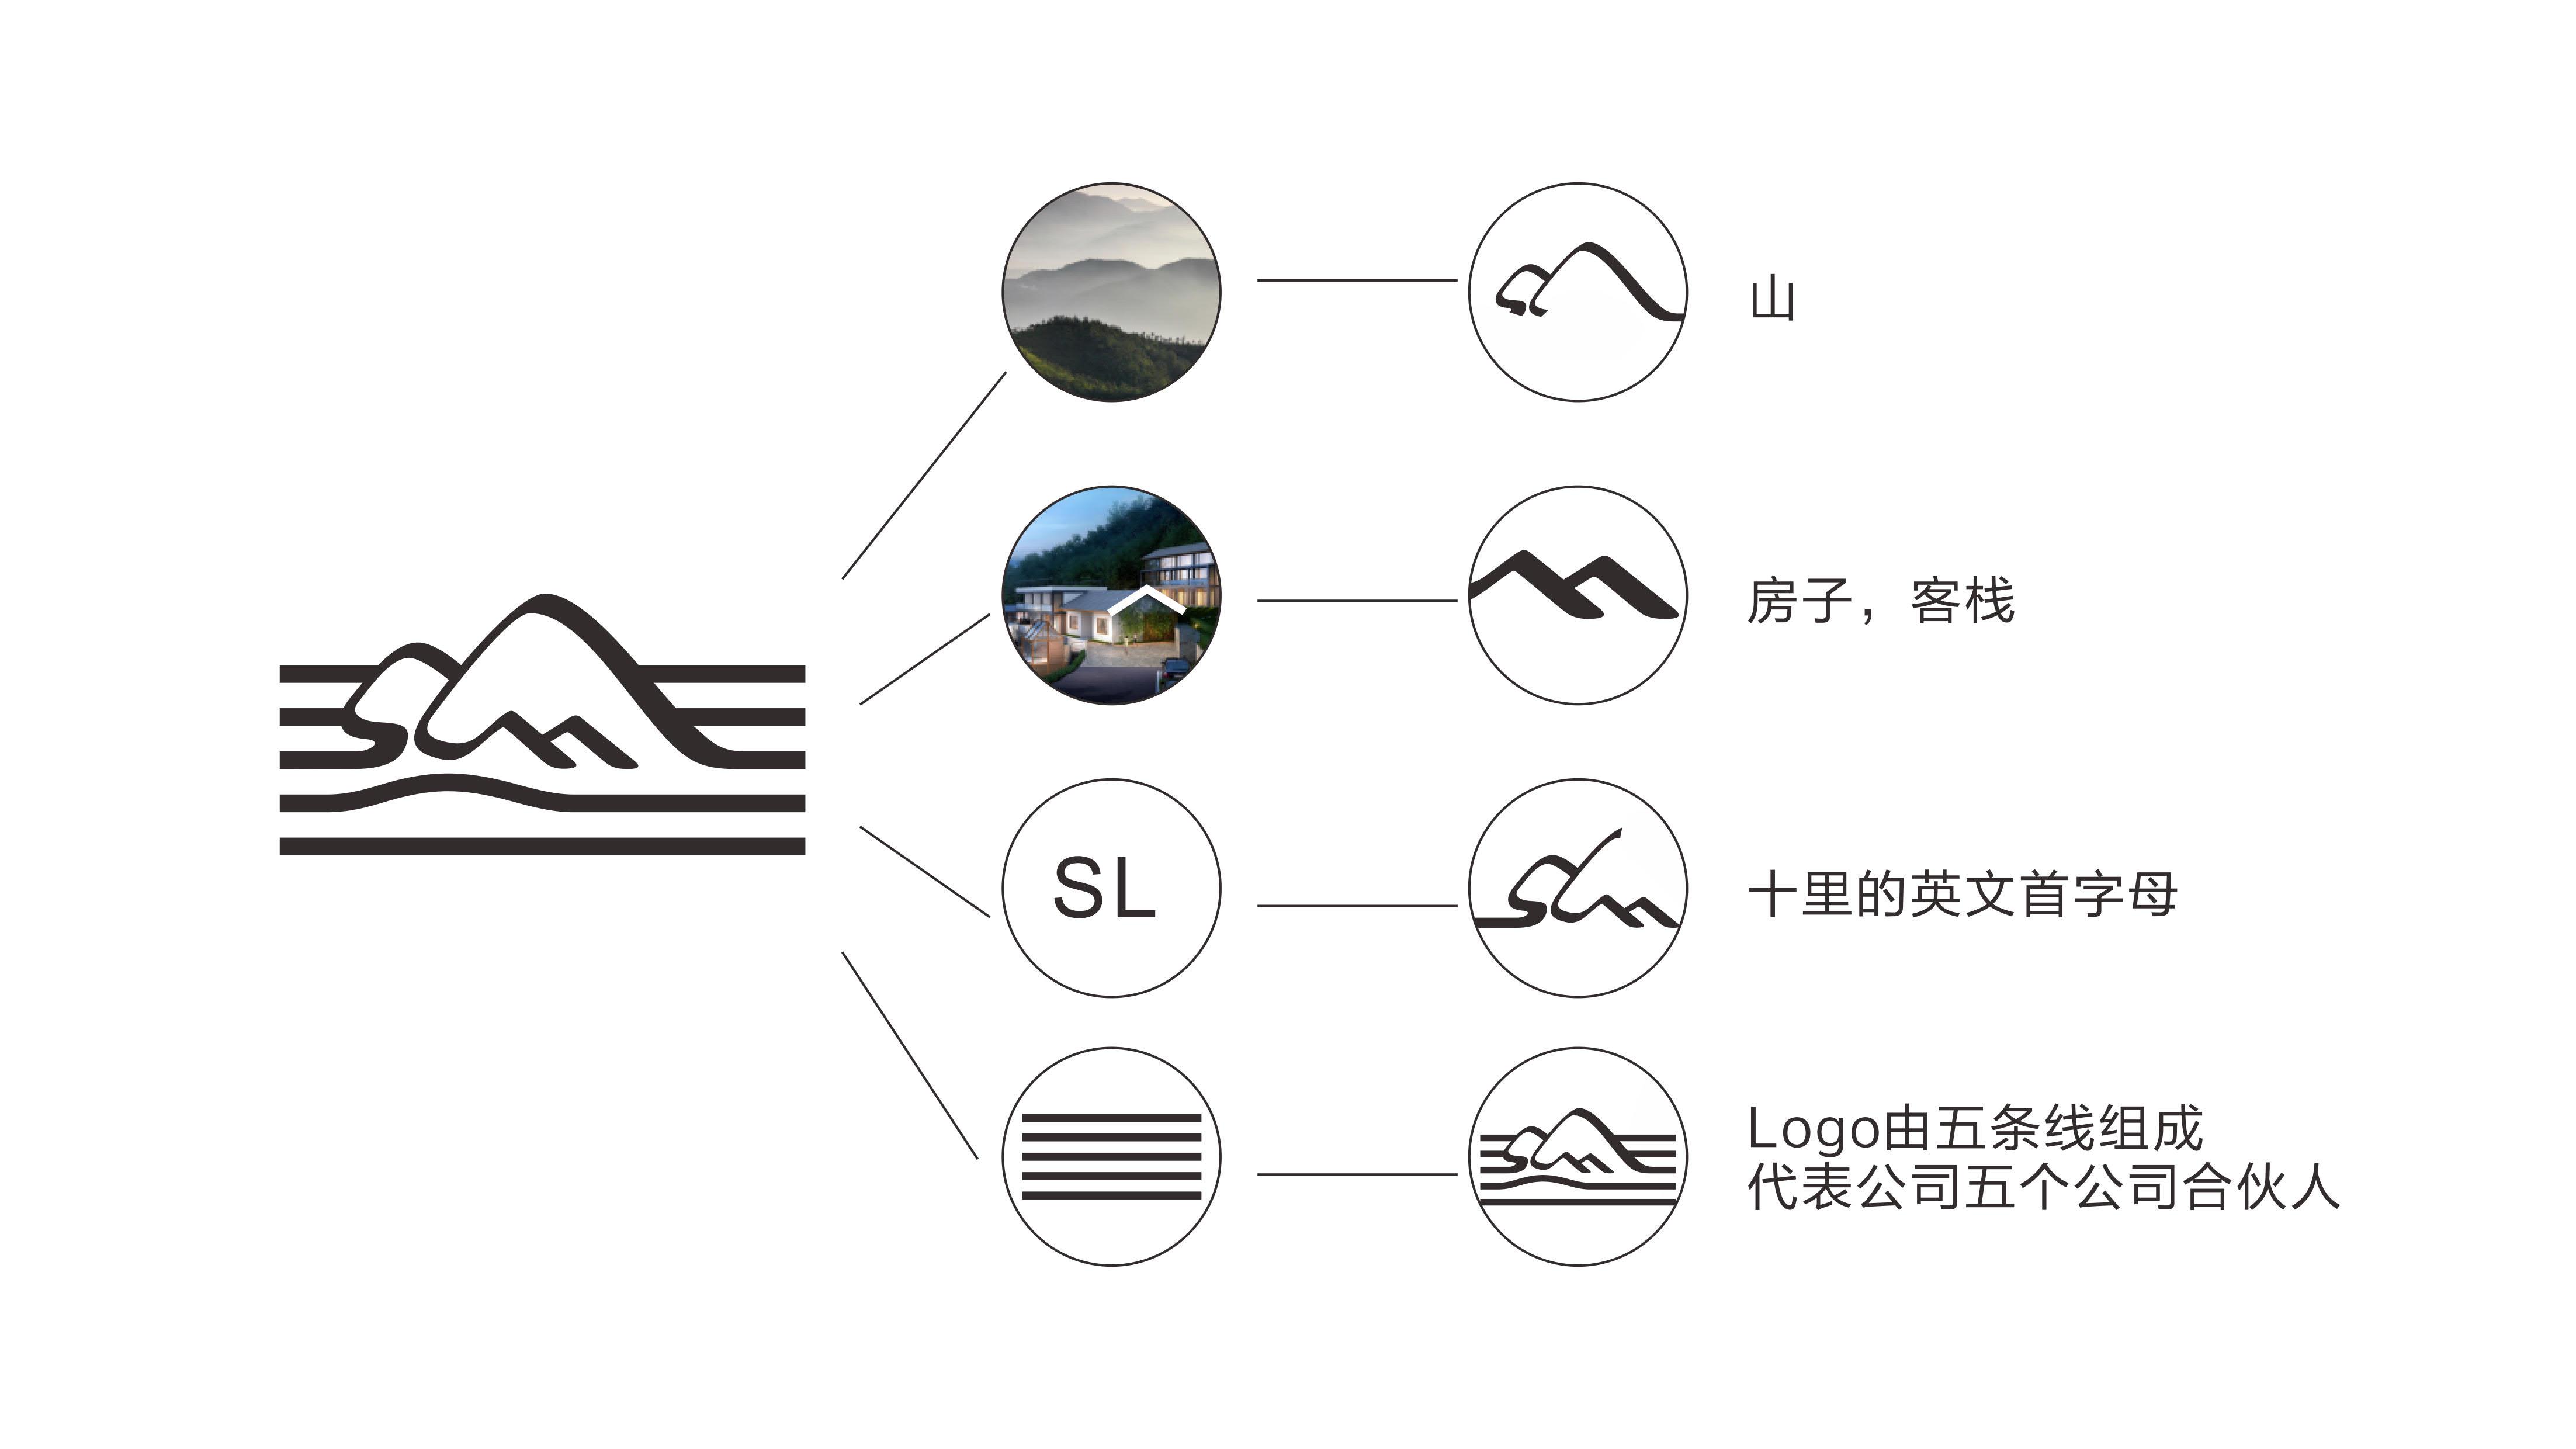 四川省十里農業科技開發有限公司3